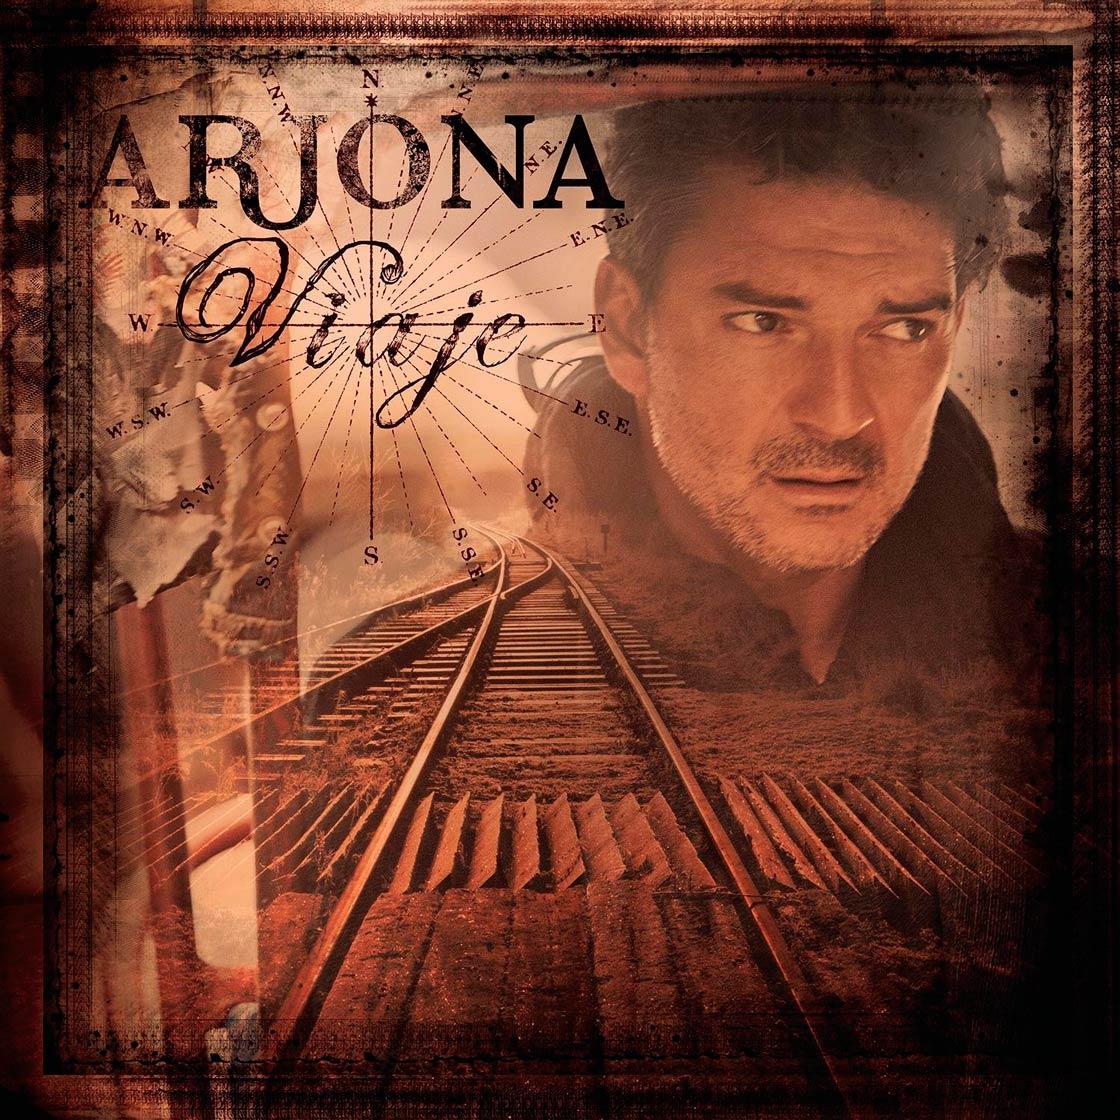 álbum de Arjona